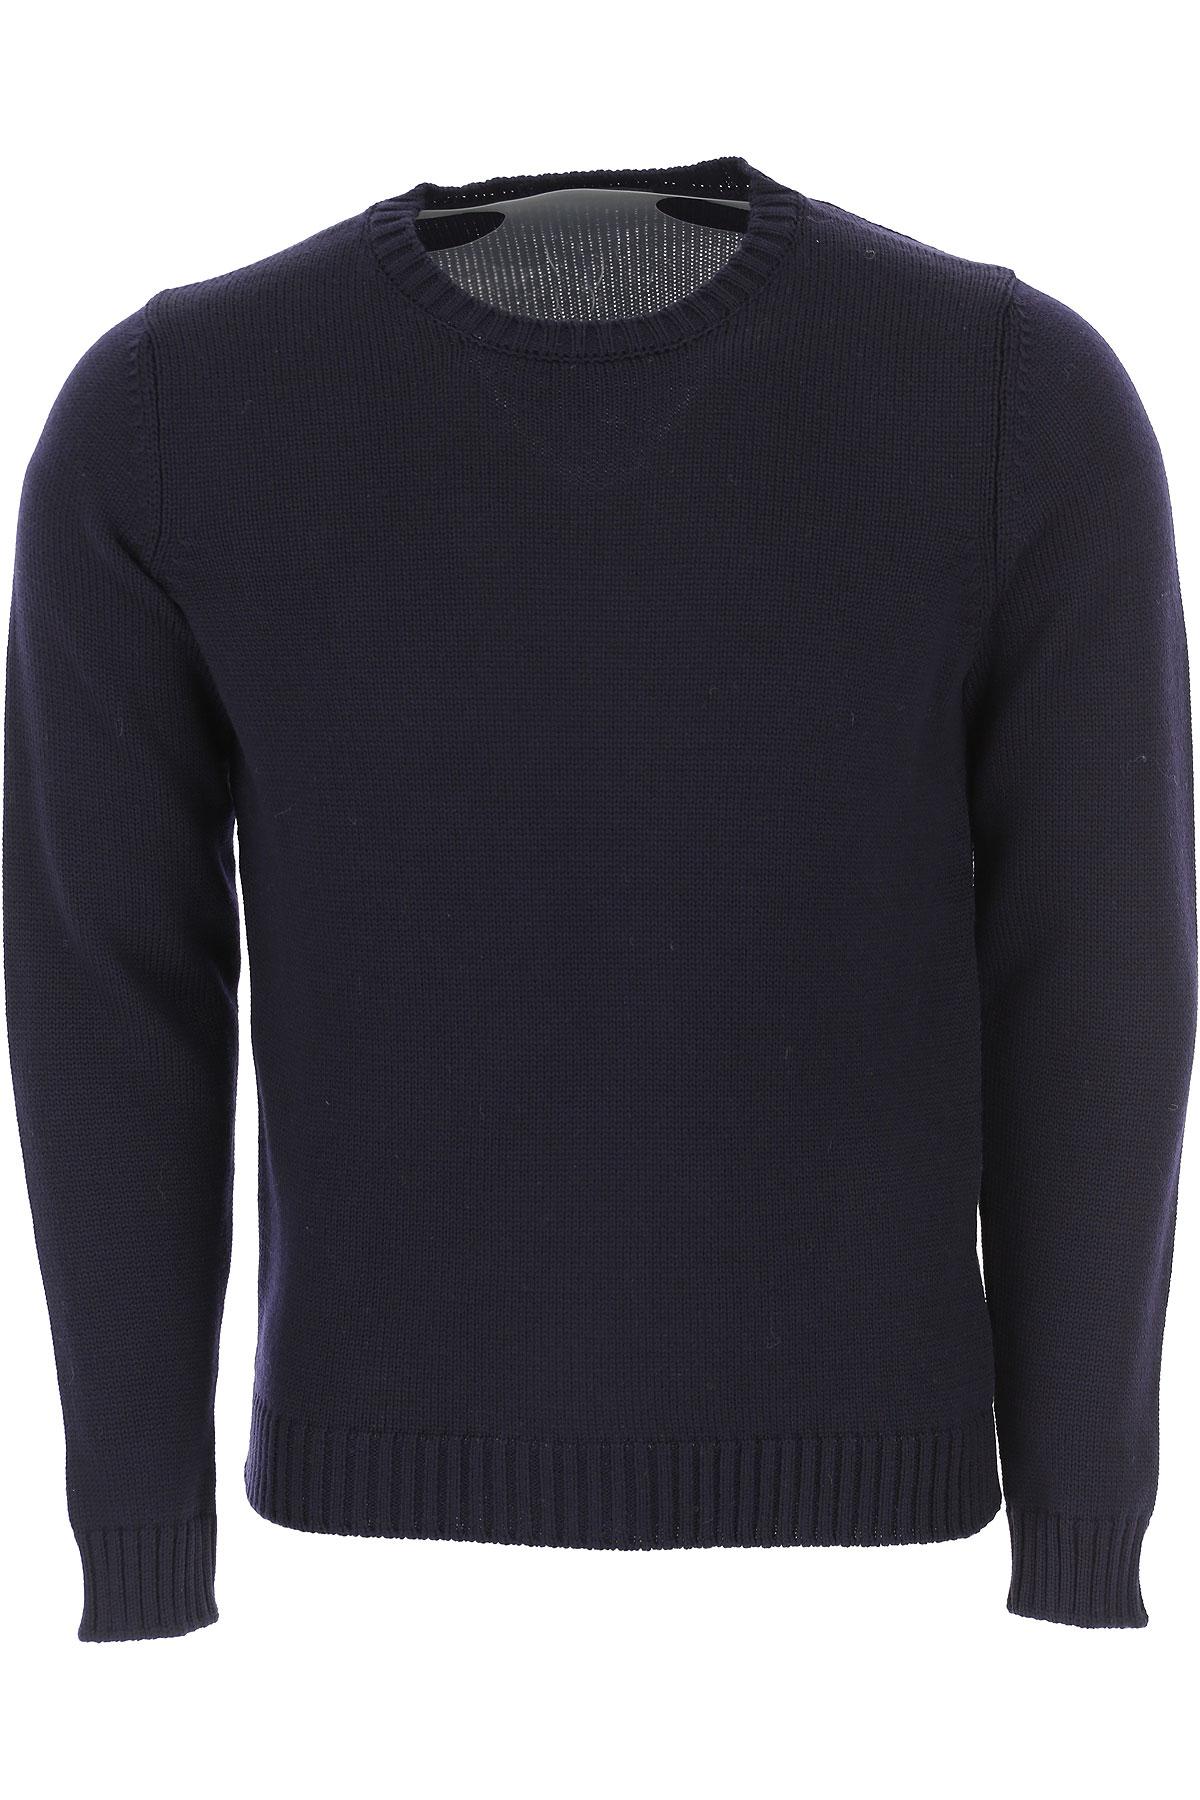 Zanone Sweater for Men Jumper On Sale, Navy Blue, Virgin wool, 2019, L M XL